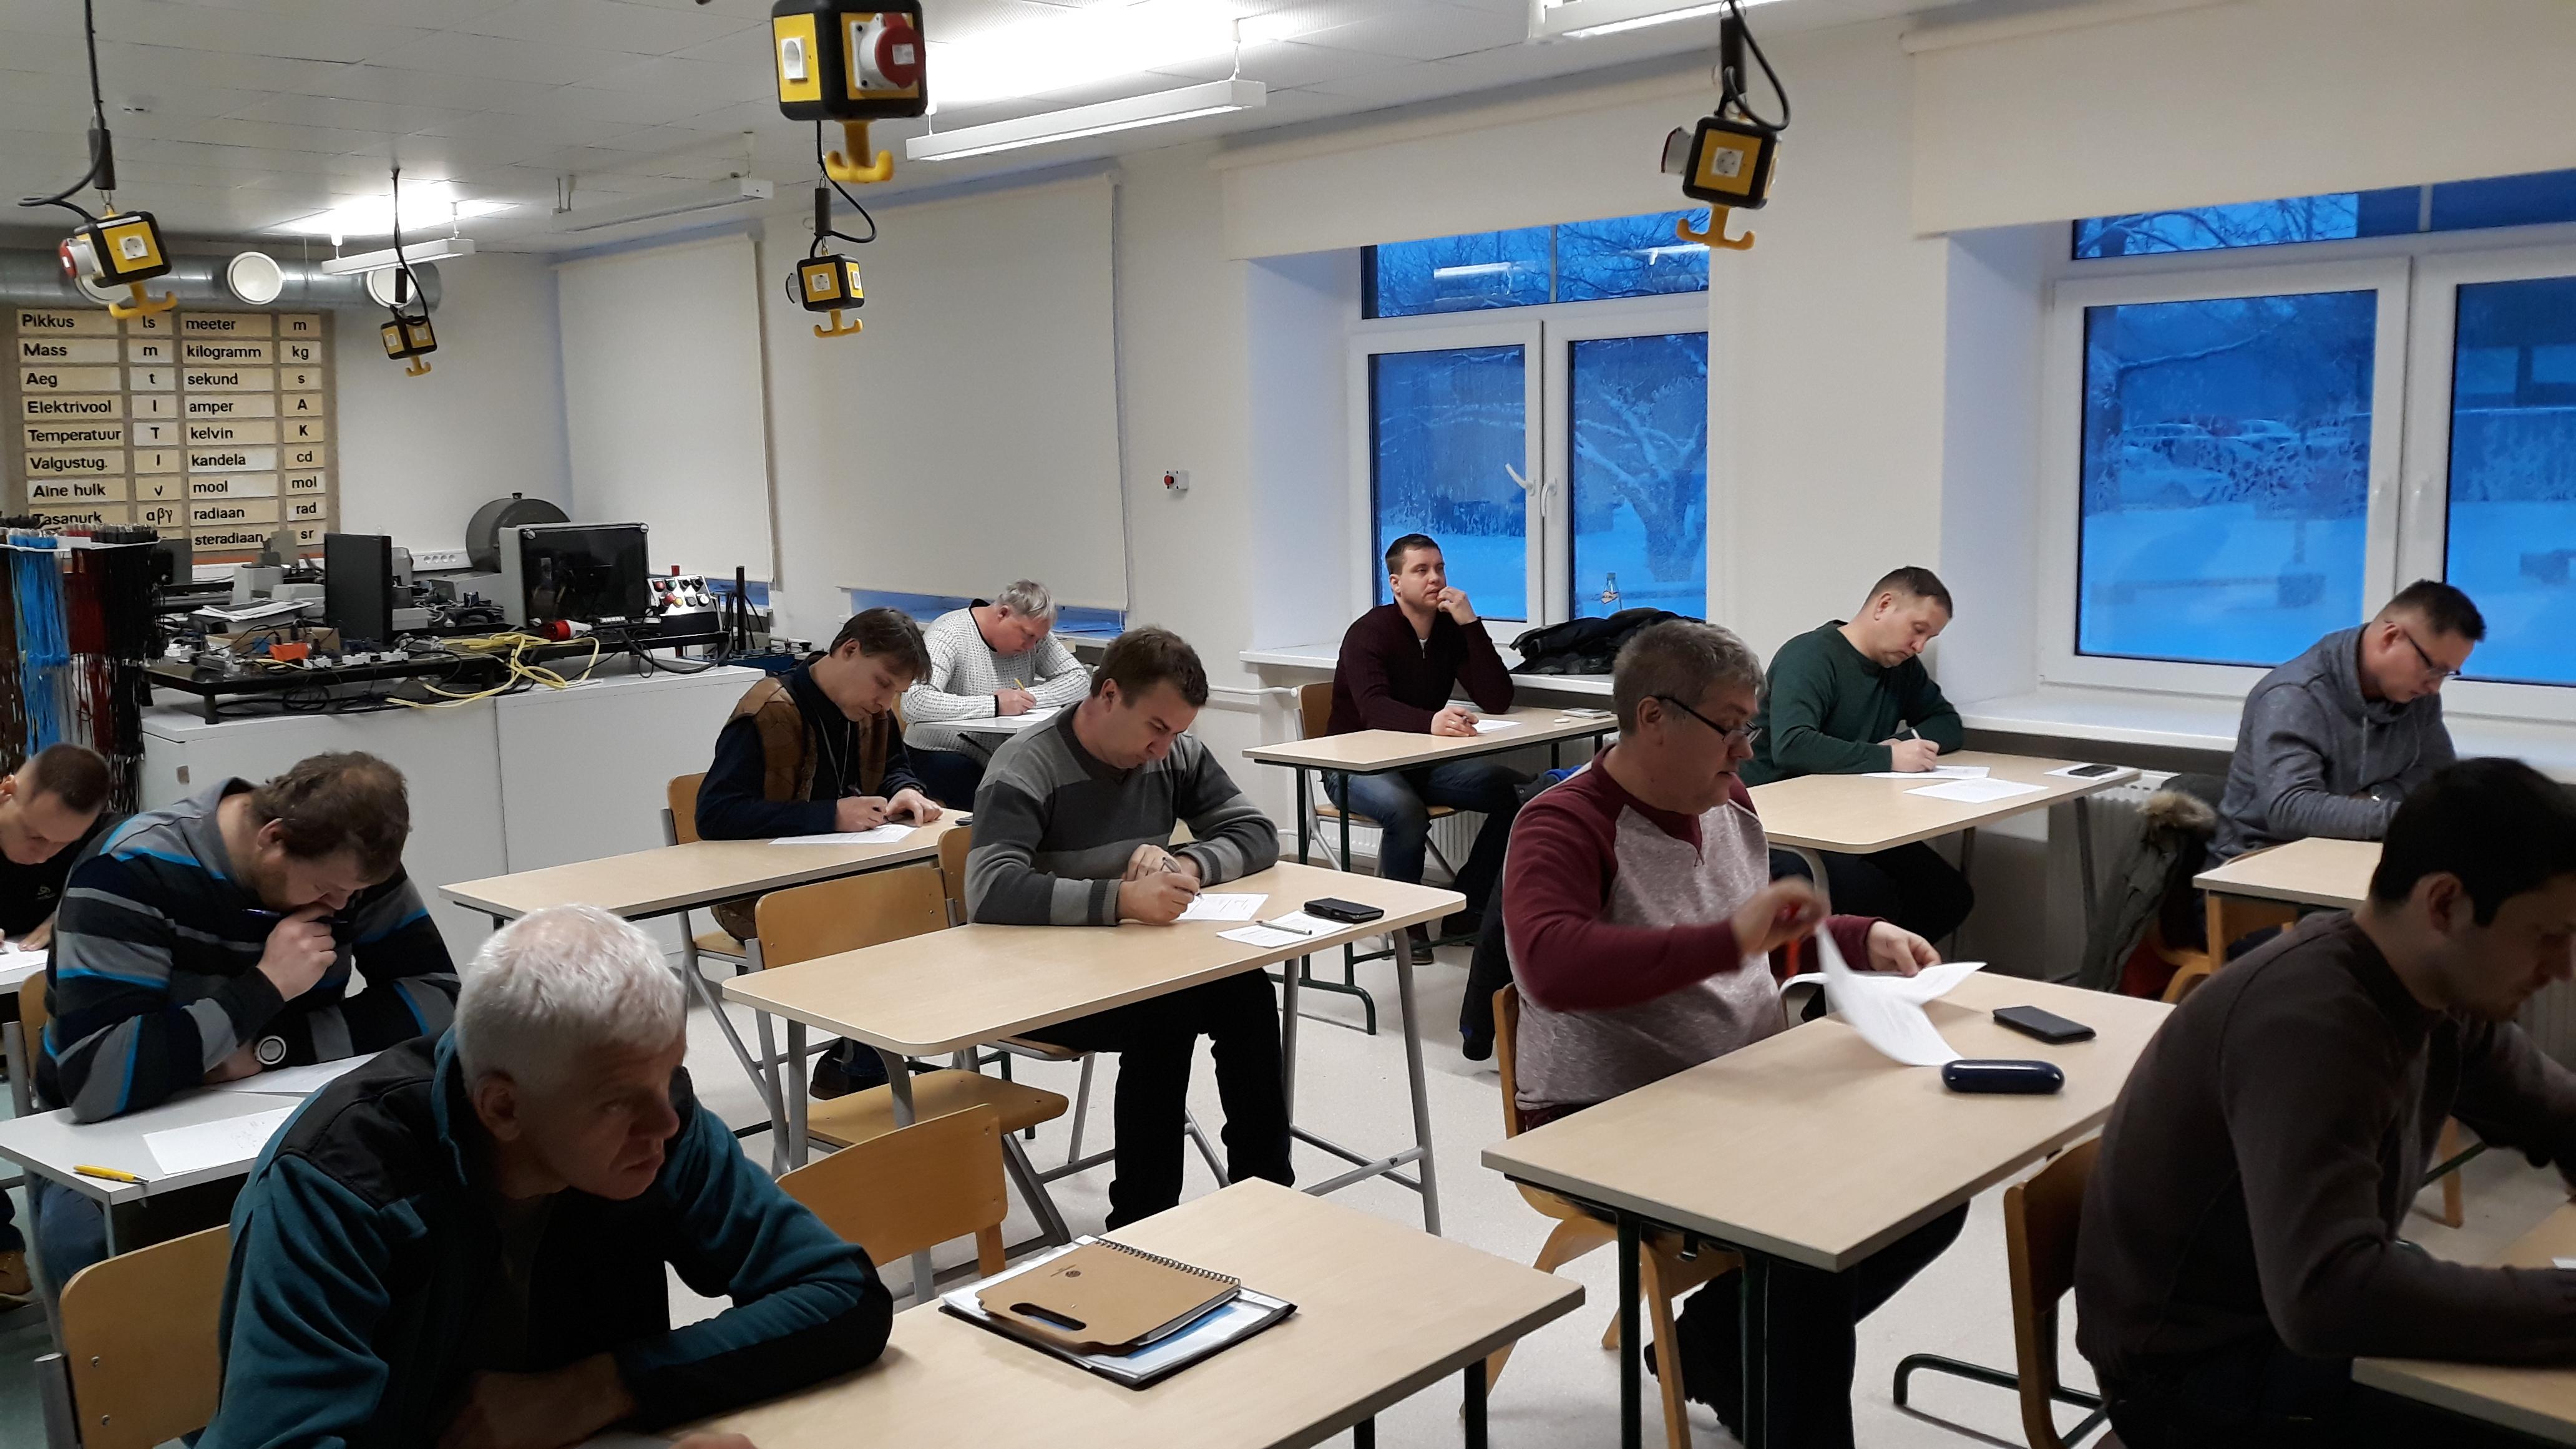 Järvamaa Kutsehariduskeskuse Paide õppekohas esimese töökohapõhise sisetööde elektrikute tase3 kutseeksam sai sooritatud edukalt.